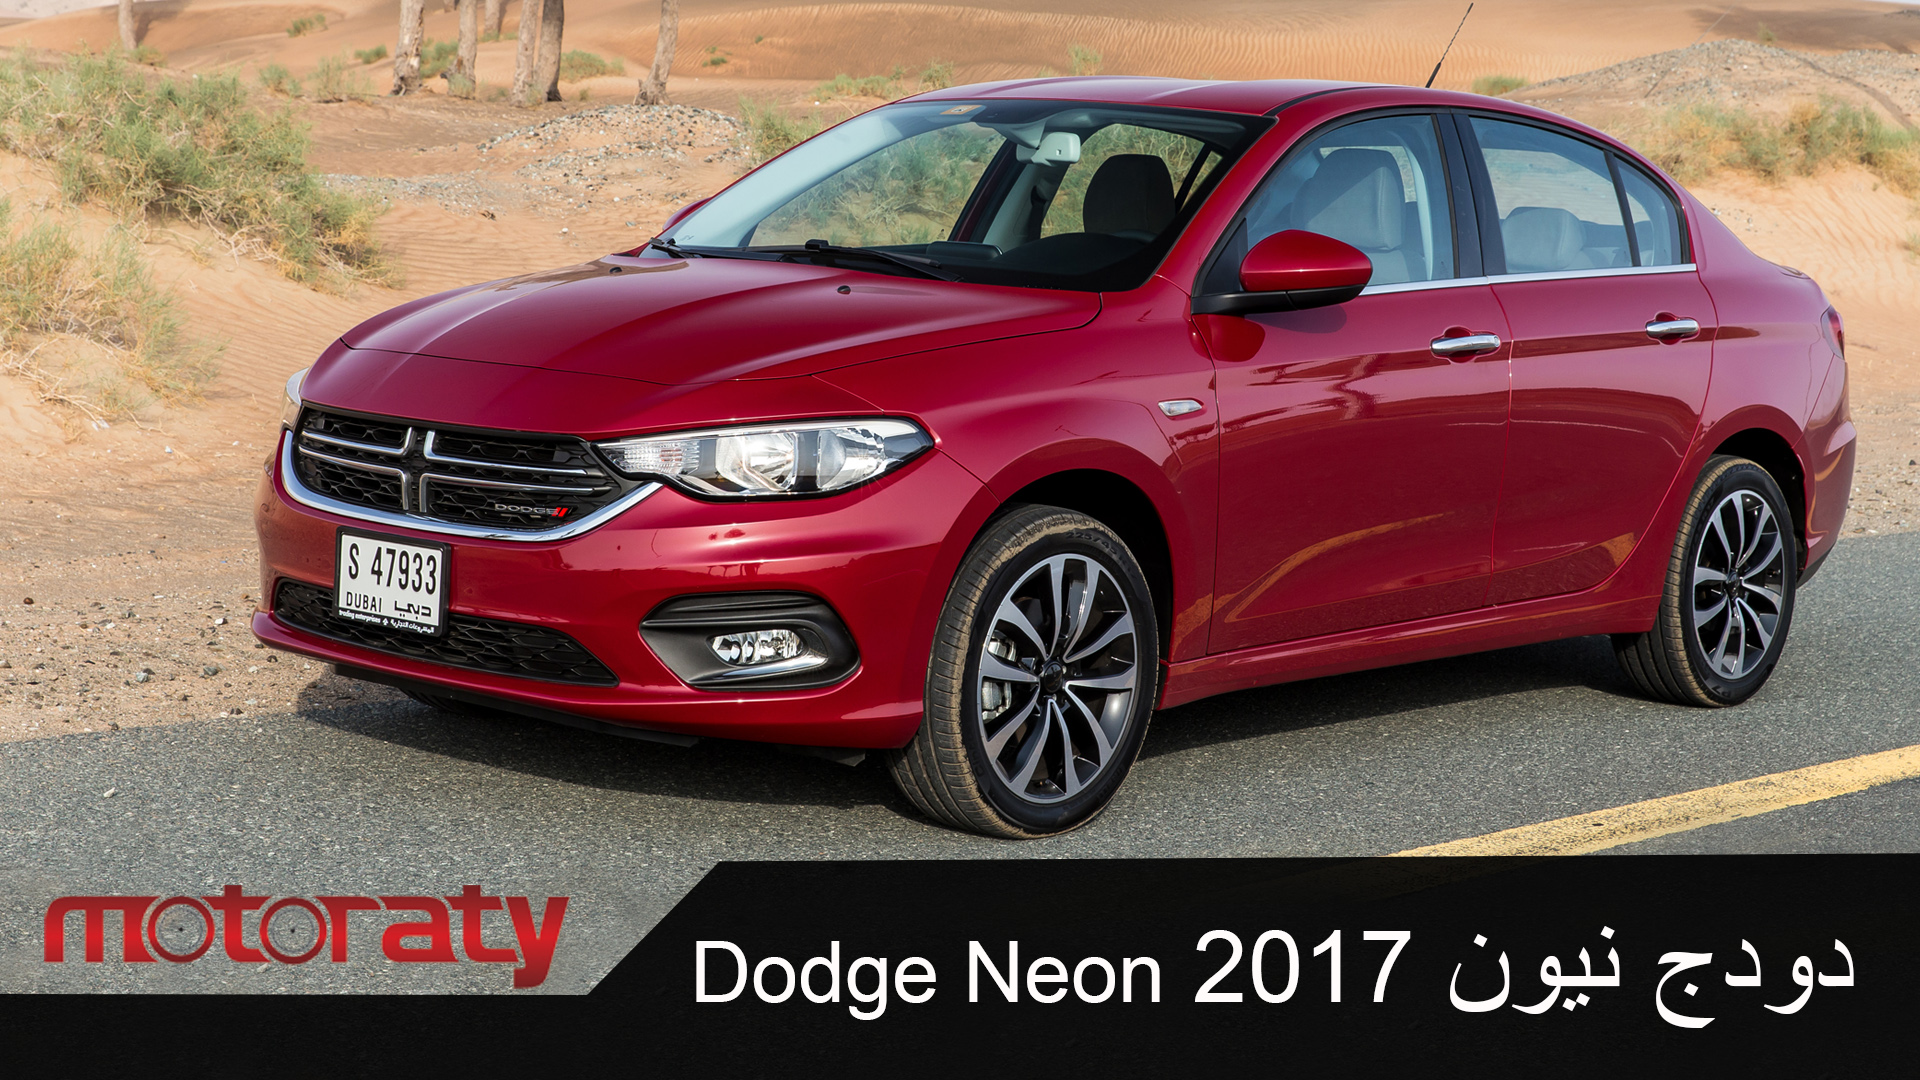 Dodge Neon 2017 >> Dodge Neon 2017 Test Drive